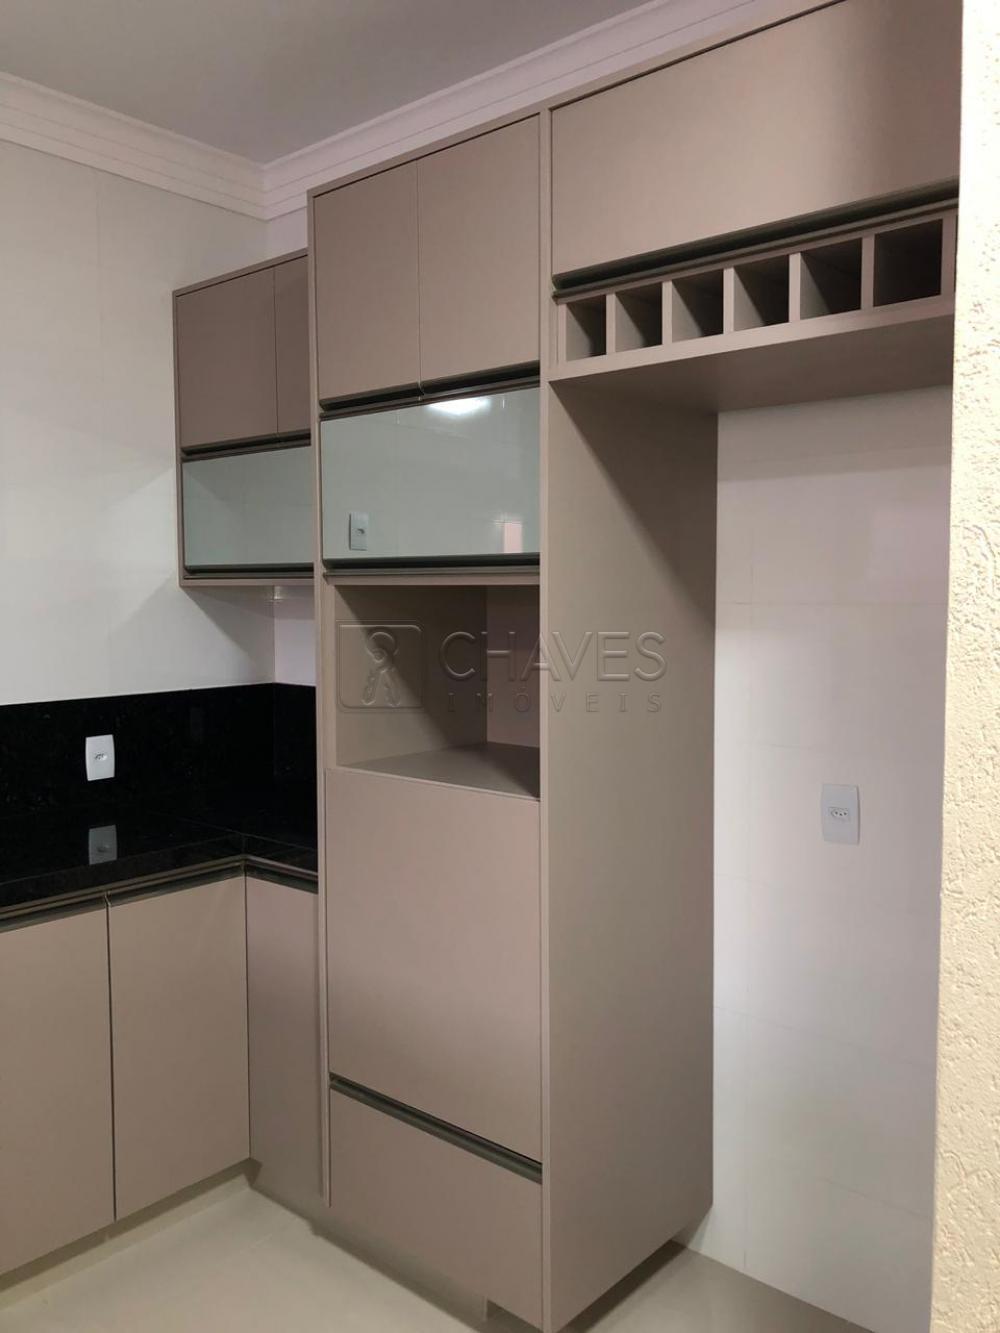 Comprar Casa / Condomínio em Bonfim Paulista apenas R$ 780.000,00 - Foto 15